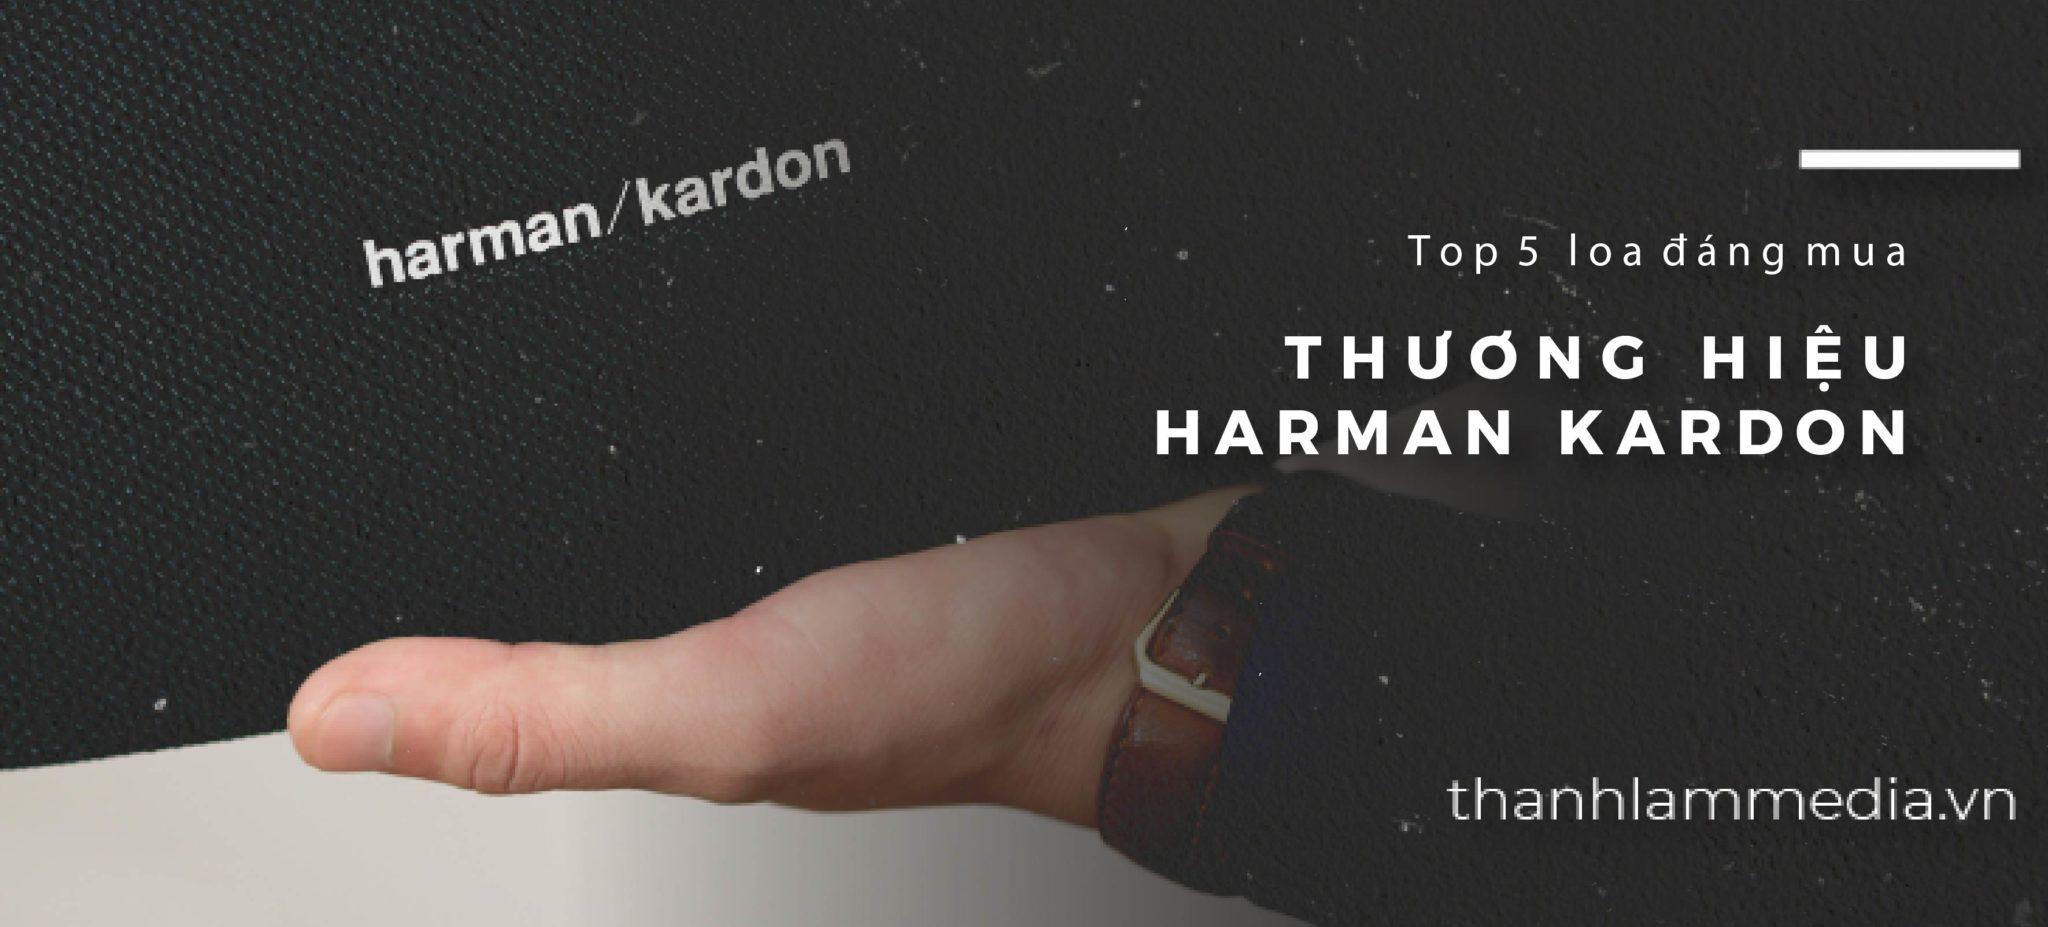 Top loa Harman Kardon được đánh giá tốt nhất 2019 1